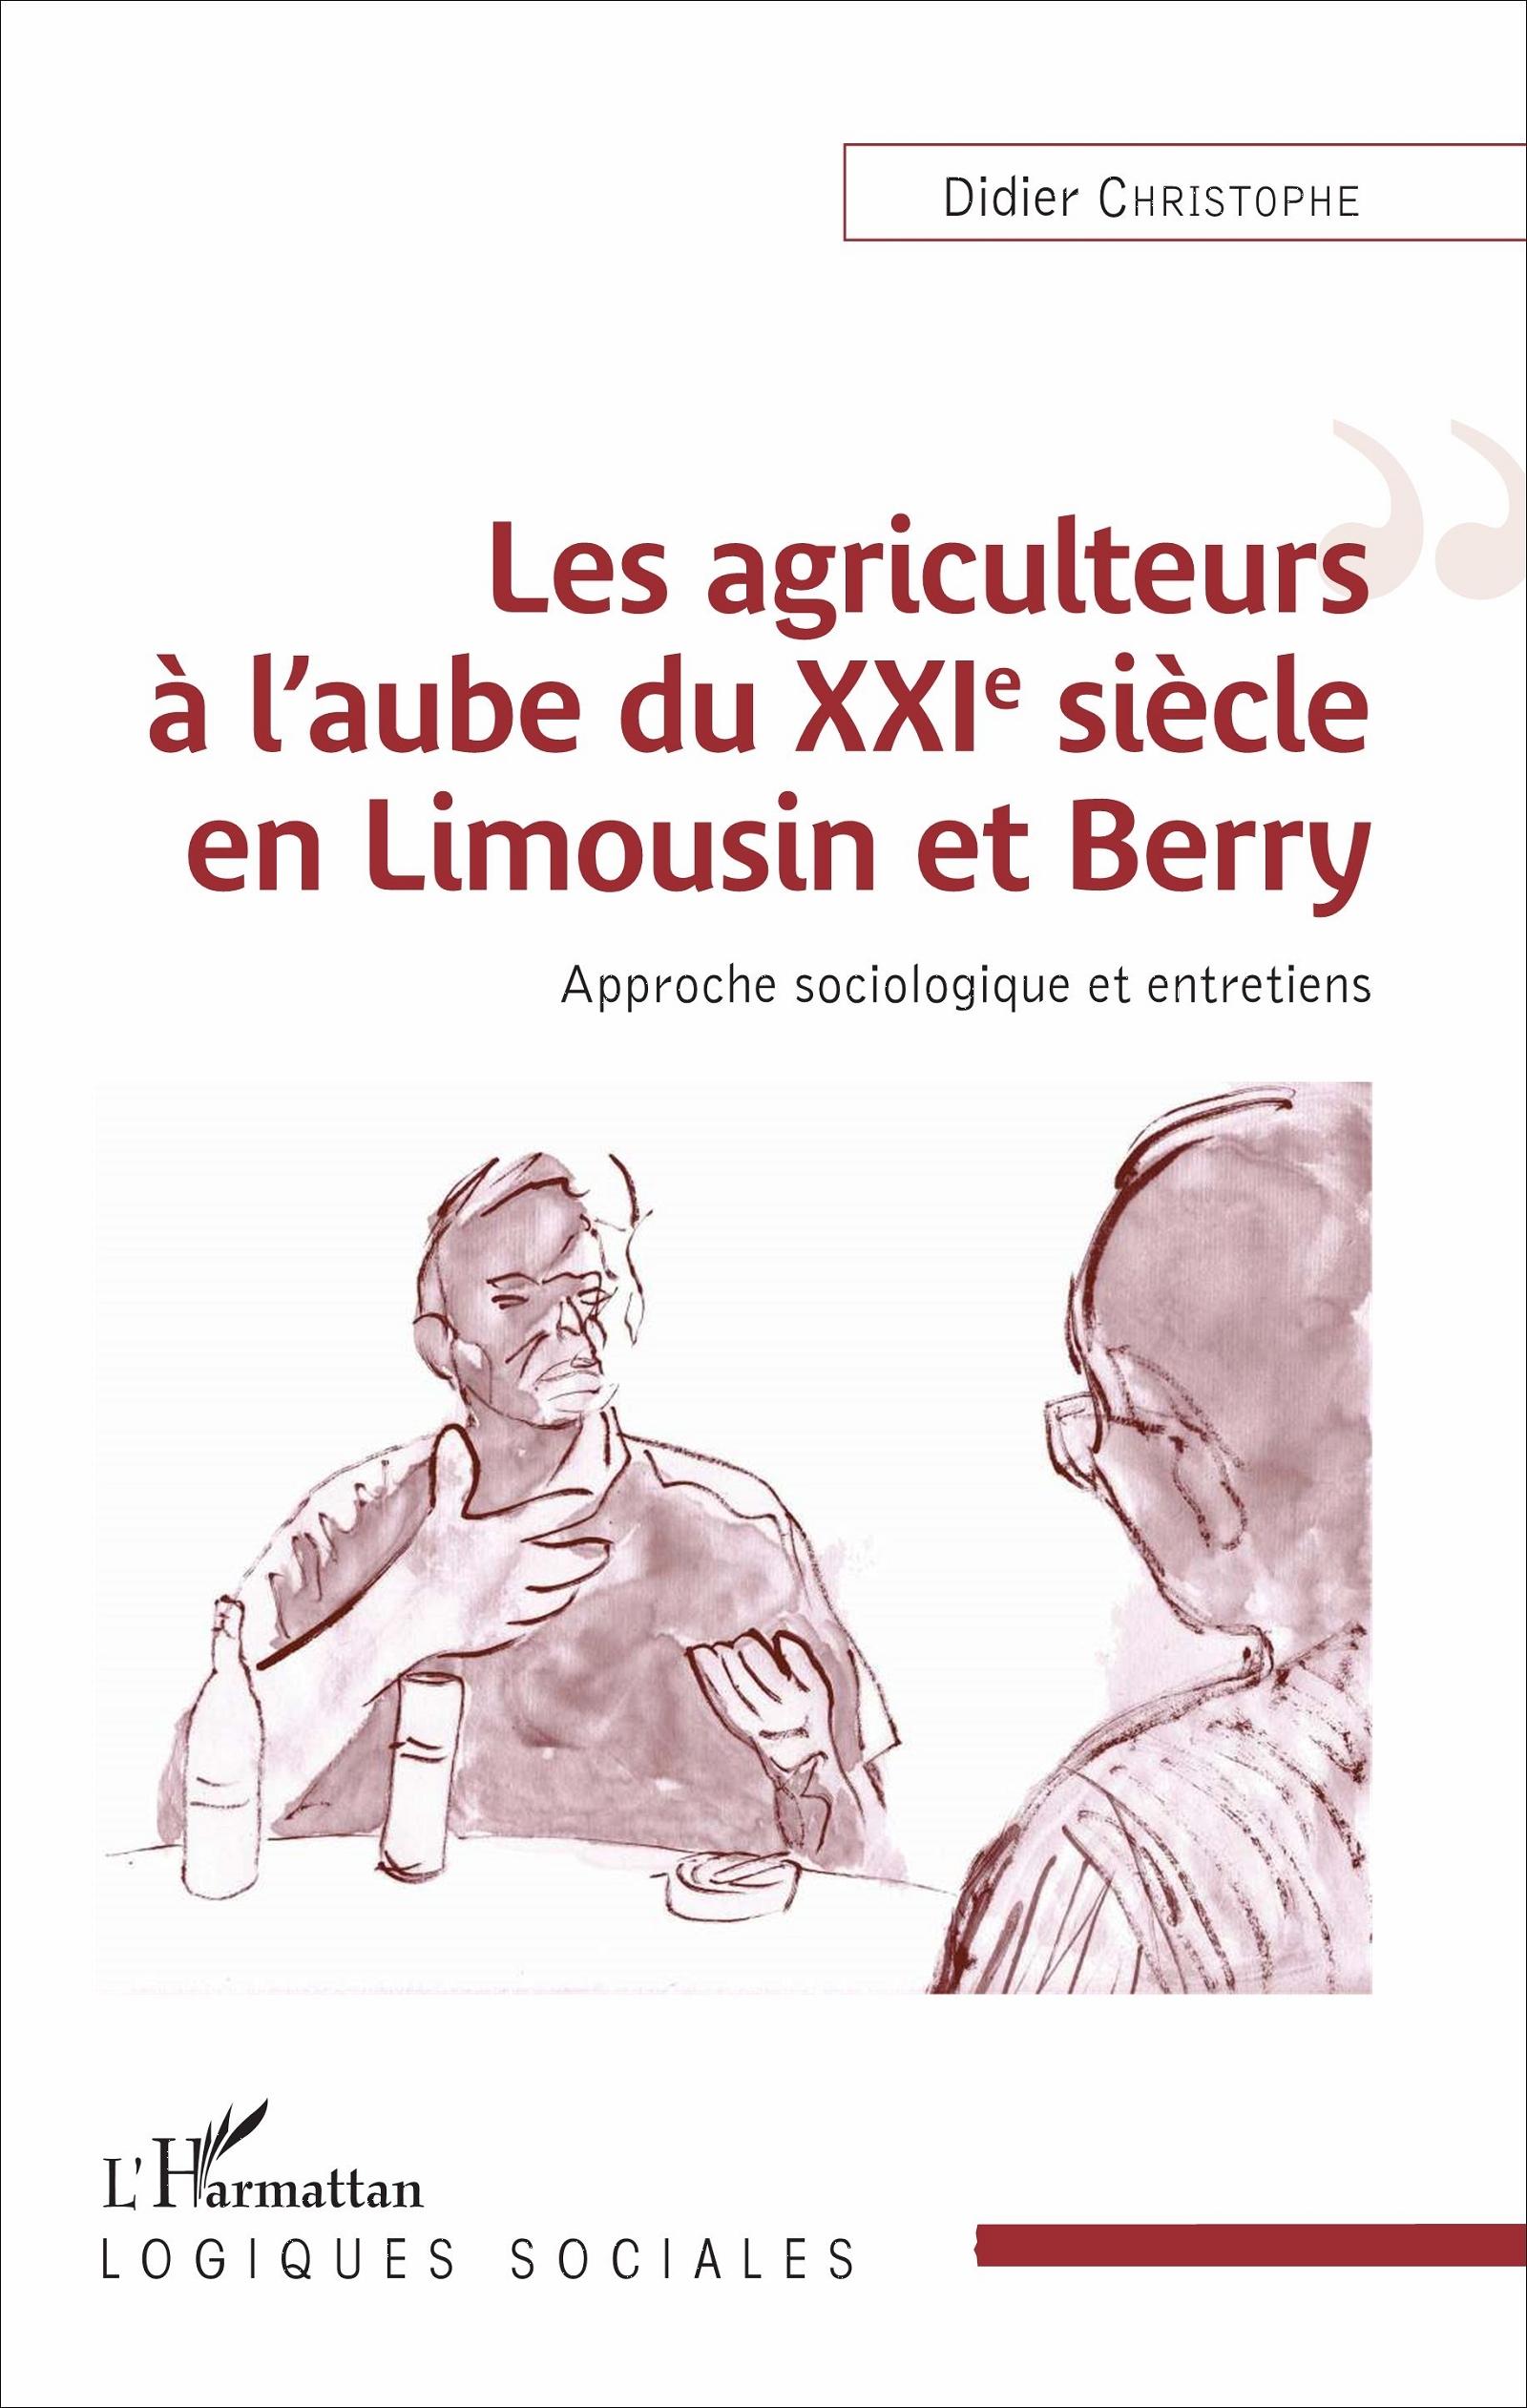 AGRICULTEURS A L'AUBE DU XXIE SIECLE EN LIMOUSIN ET BERRY (LES) APPROCHE SOCIOLOGIQUES ET ENTRETIENS